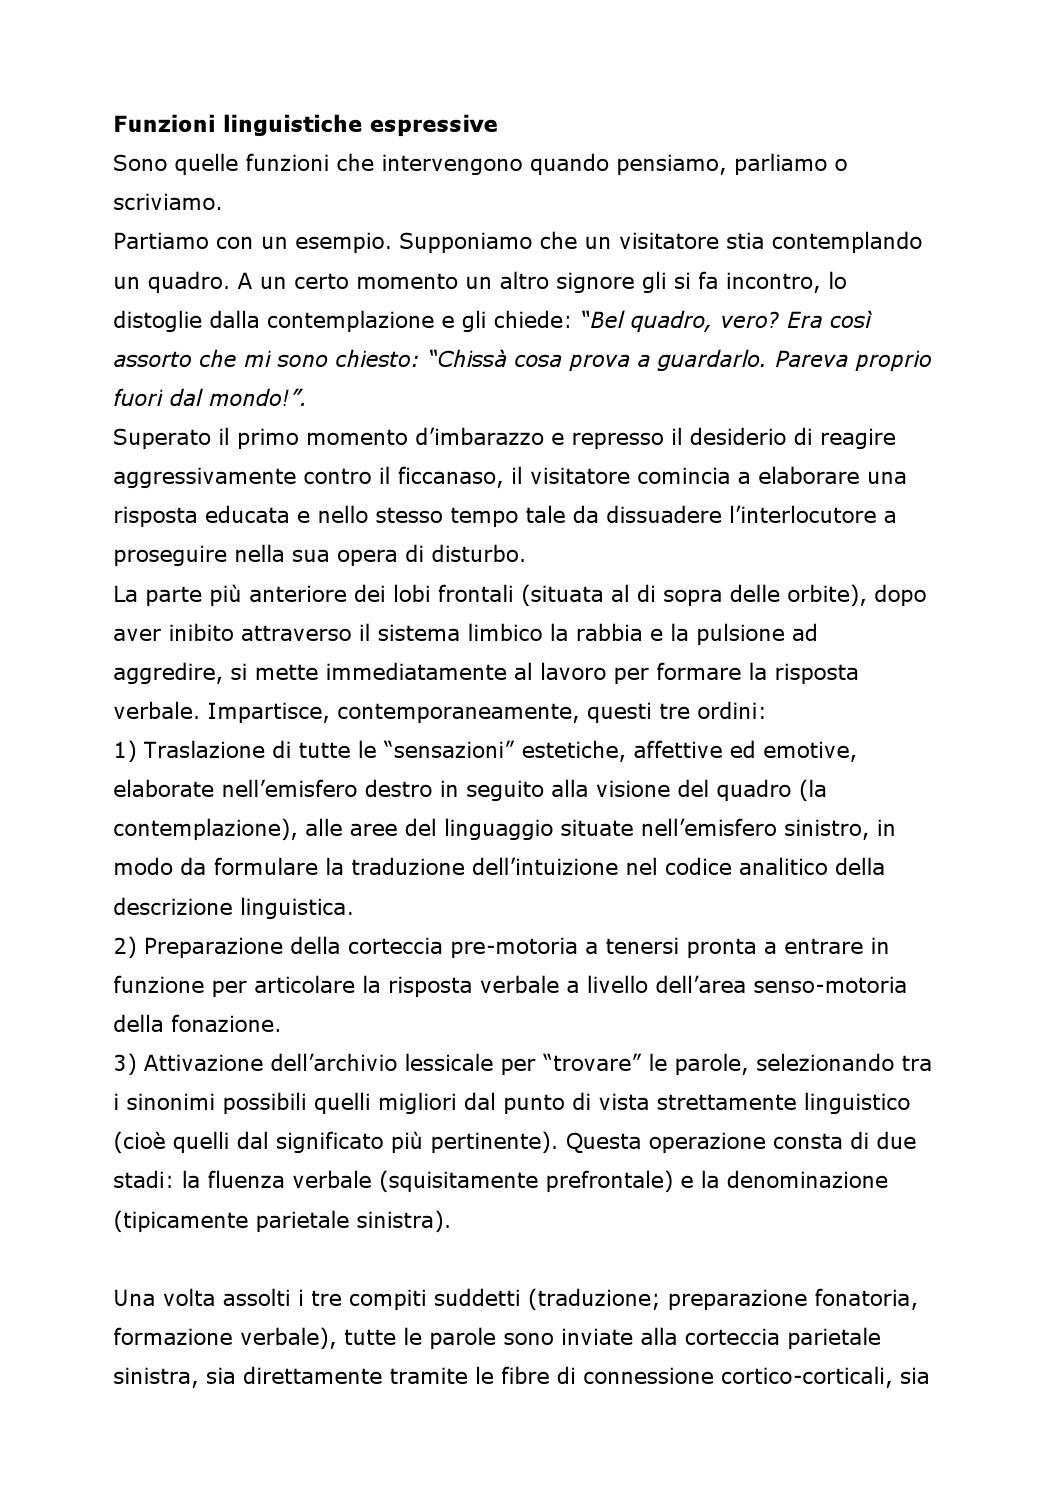 Relazione incontro con neuropsichiatra [PUNIQRANDLINE-(au-dating-names.txt) 58